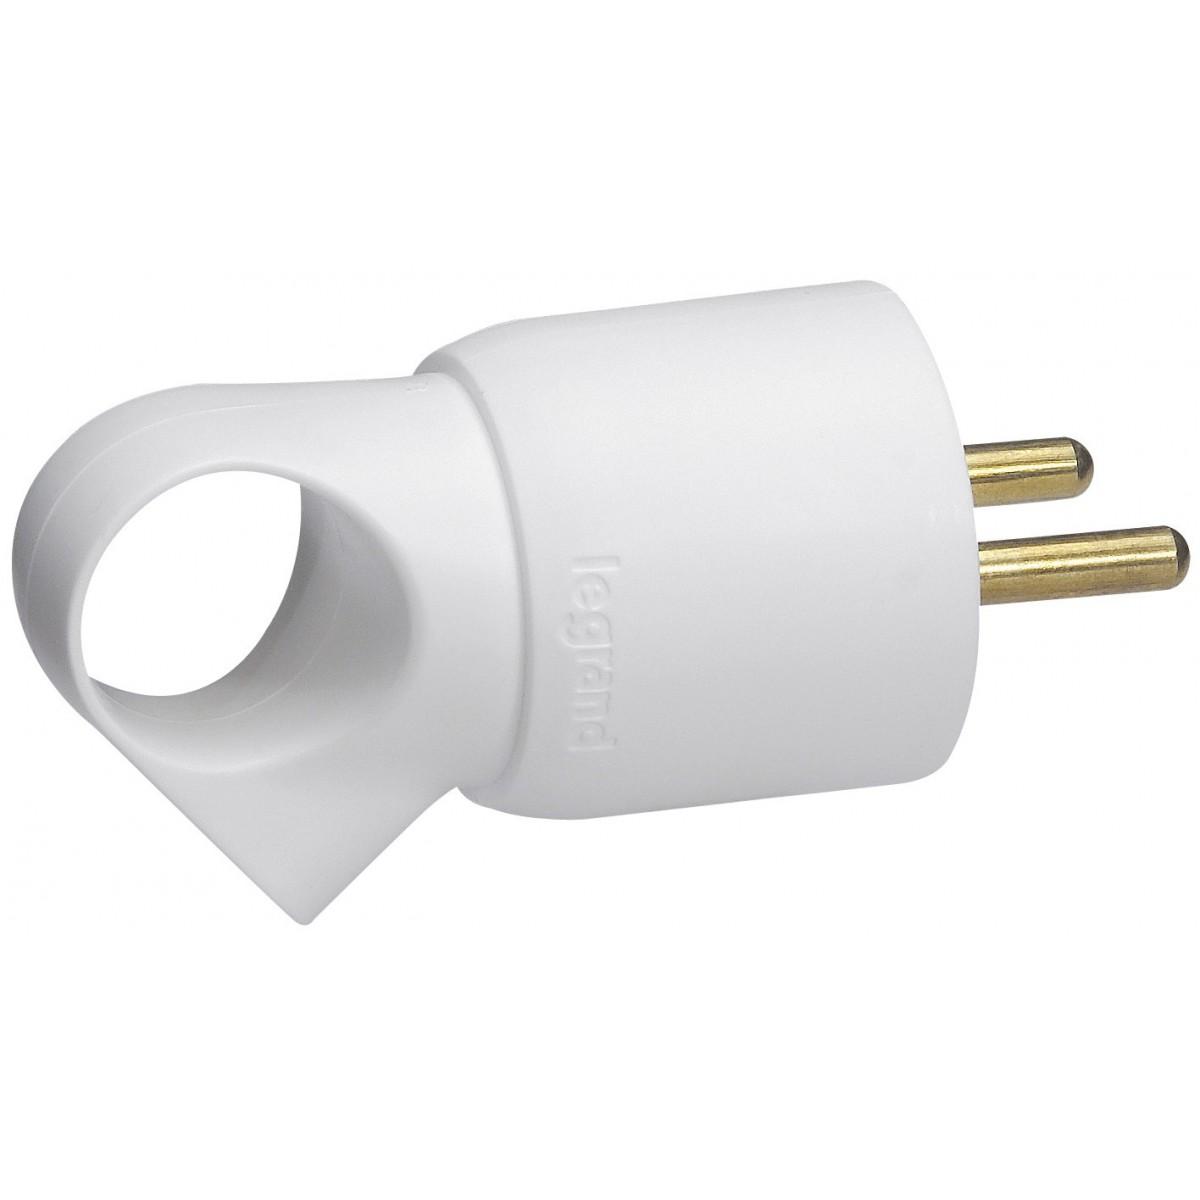 Fiche plastique avec anneau 2P+T 16 A Legrand - Mâle - Blanc